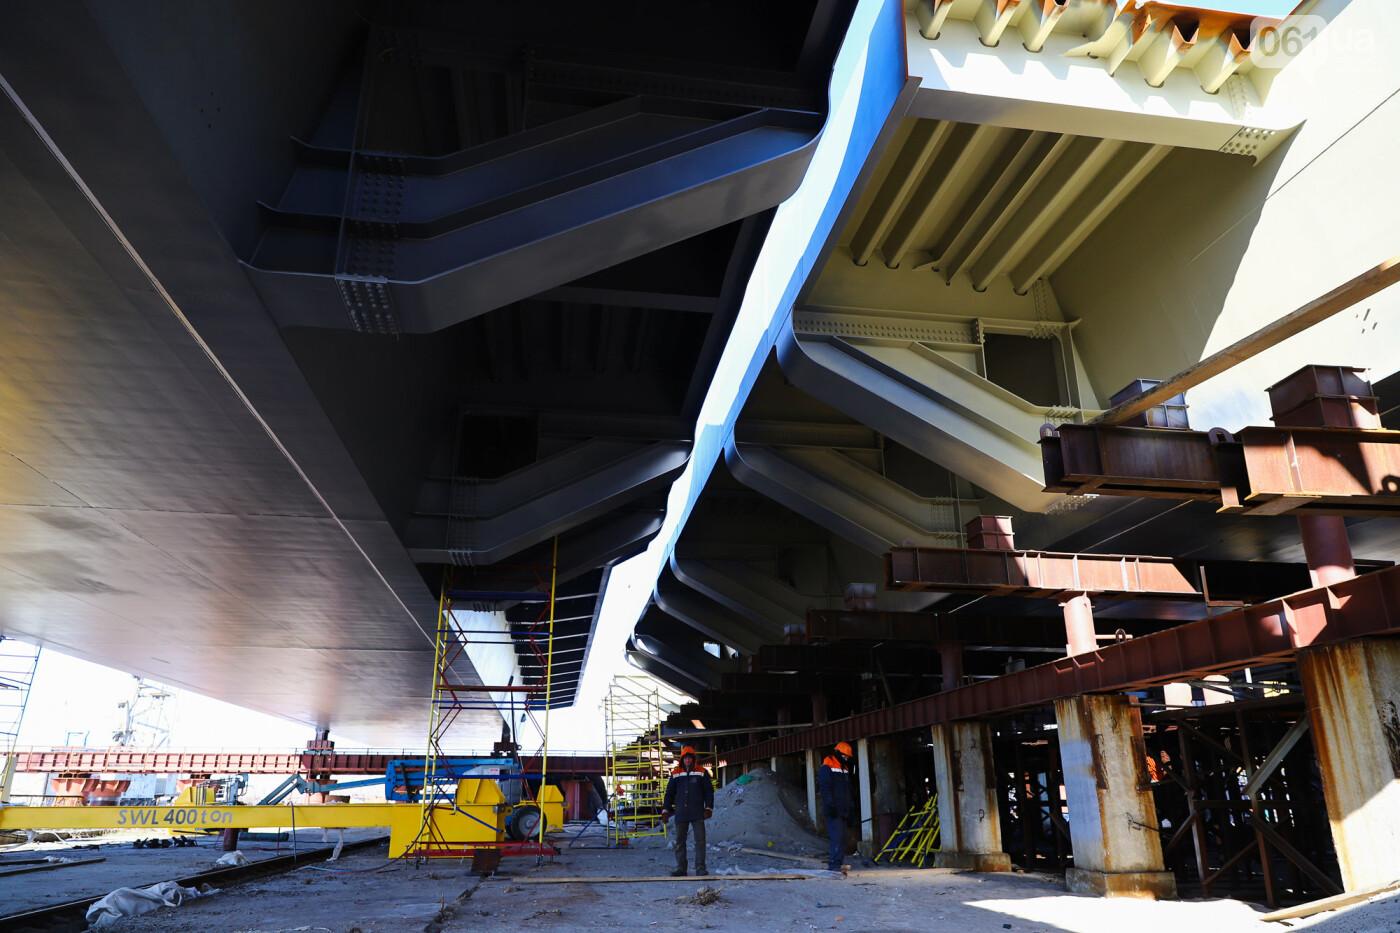 Кран с иностранной пропиской, ванты и металл: строительство запорожских мостов в фотографиях, фото-11